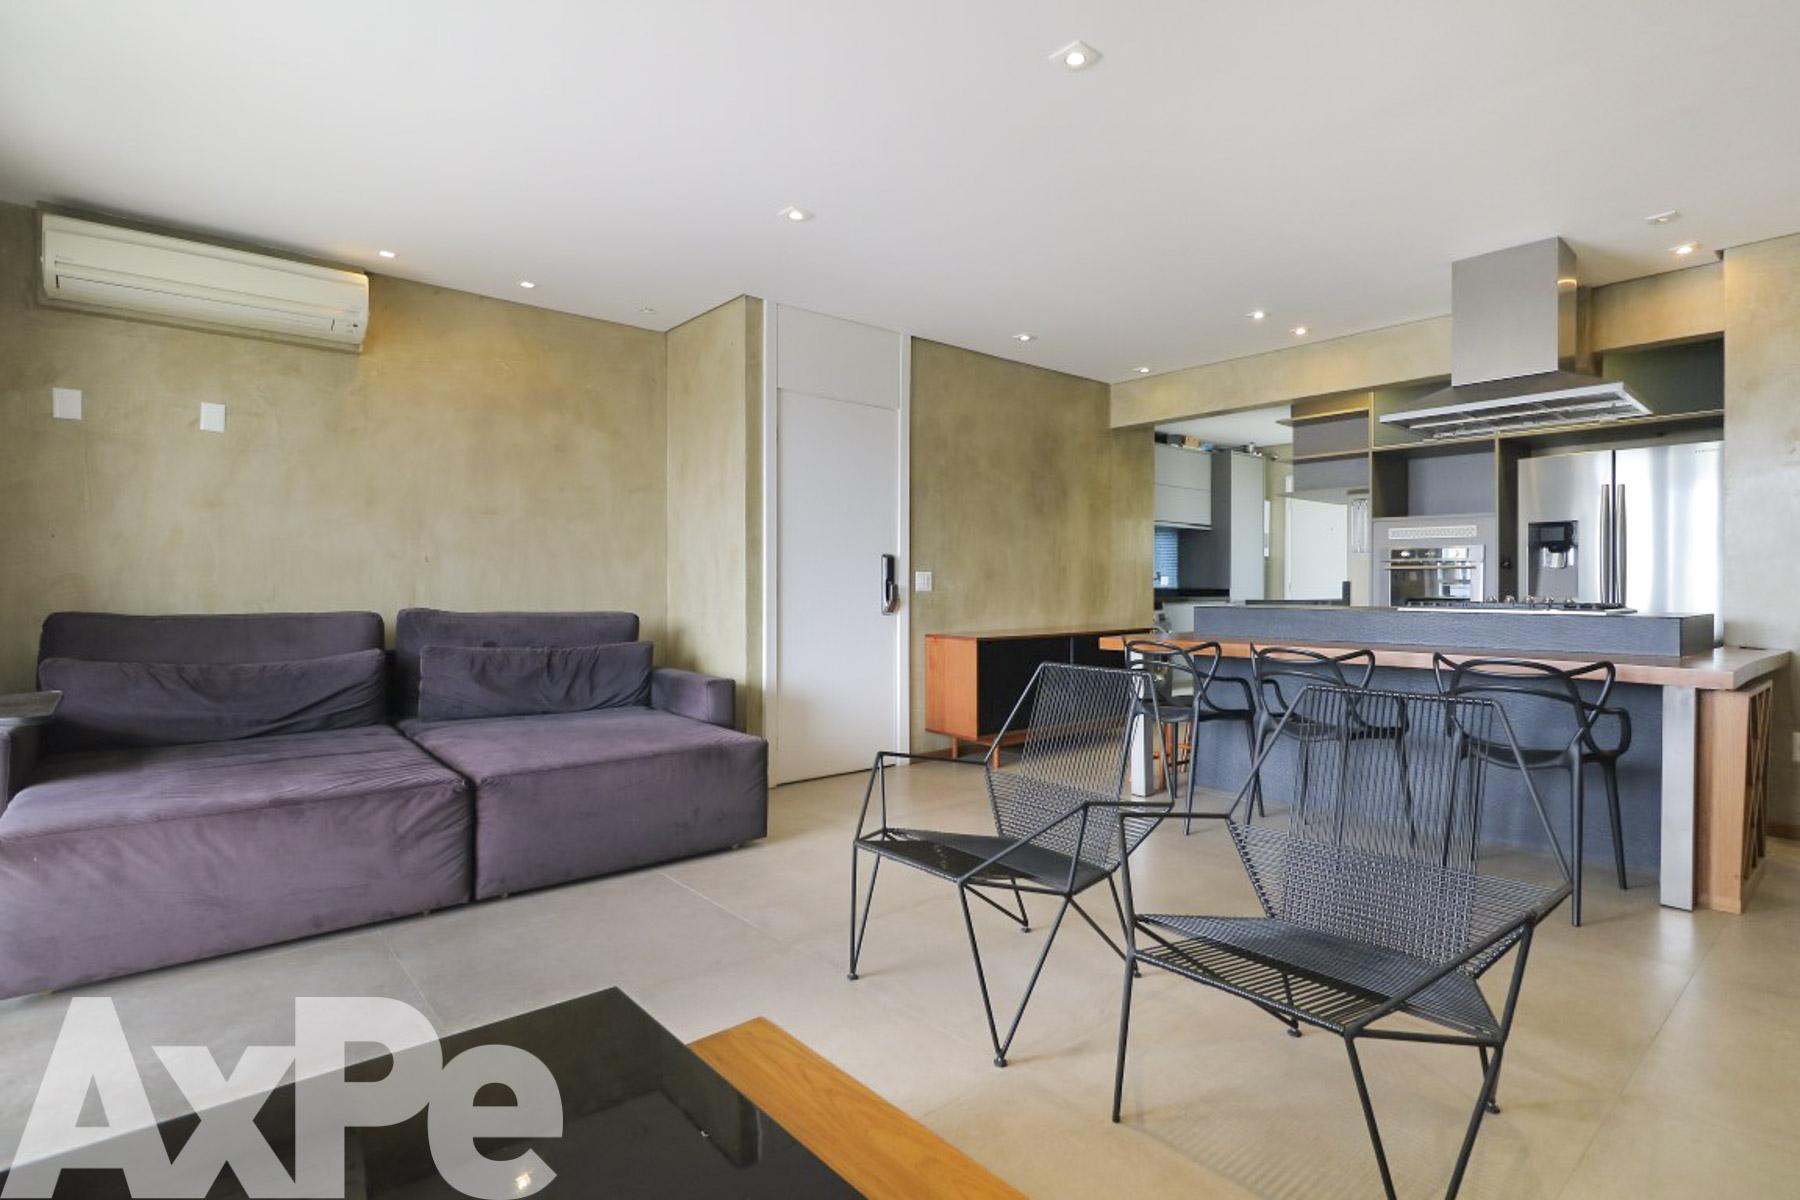 Axpe Apartamento - AX128087